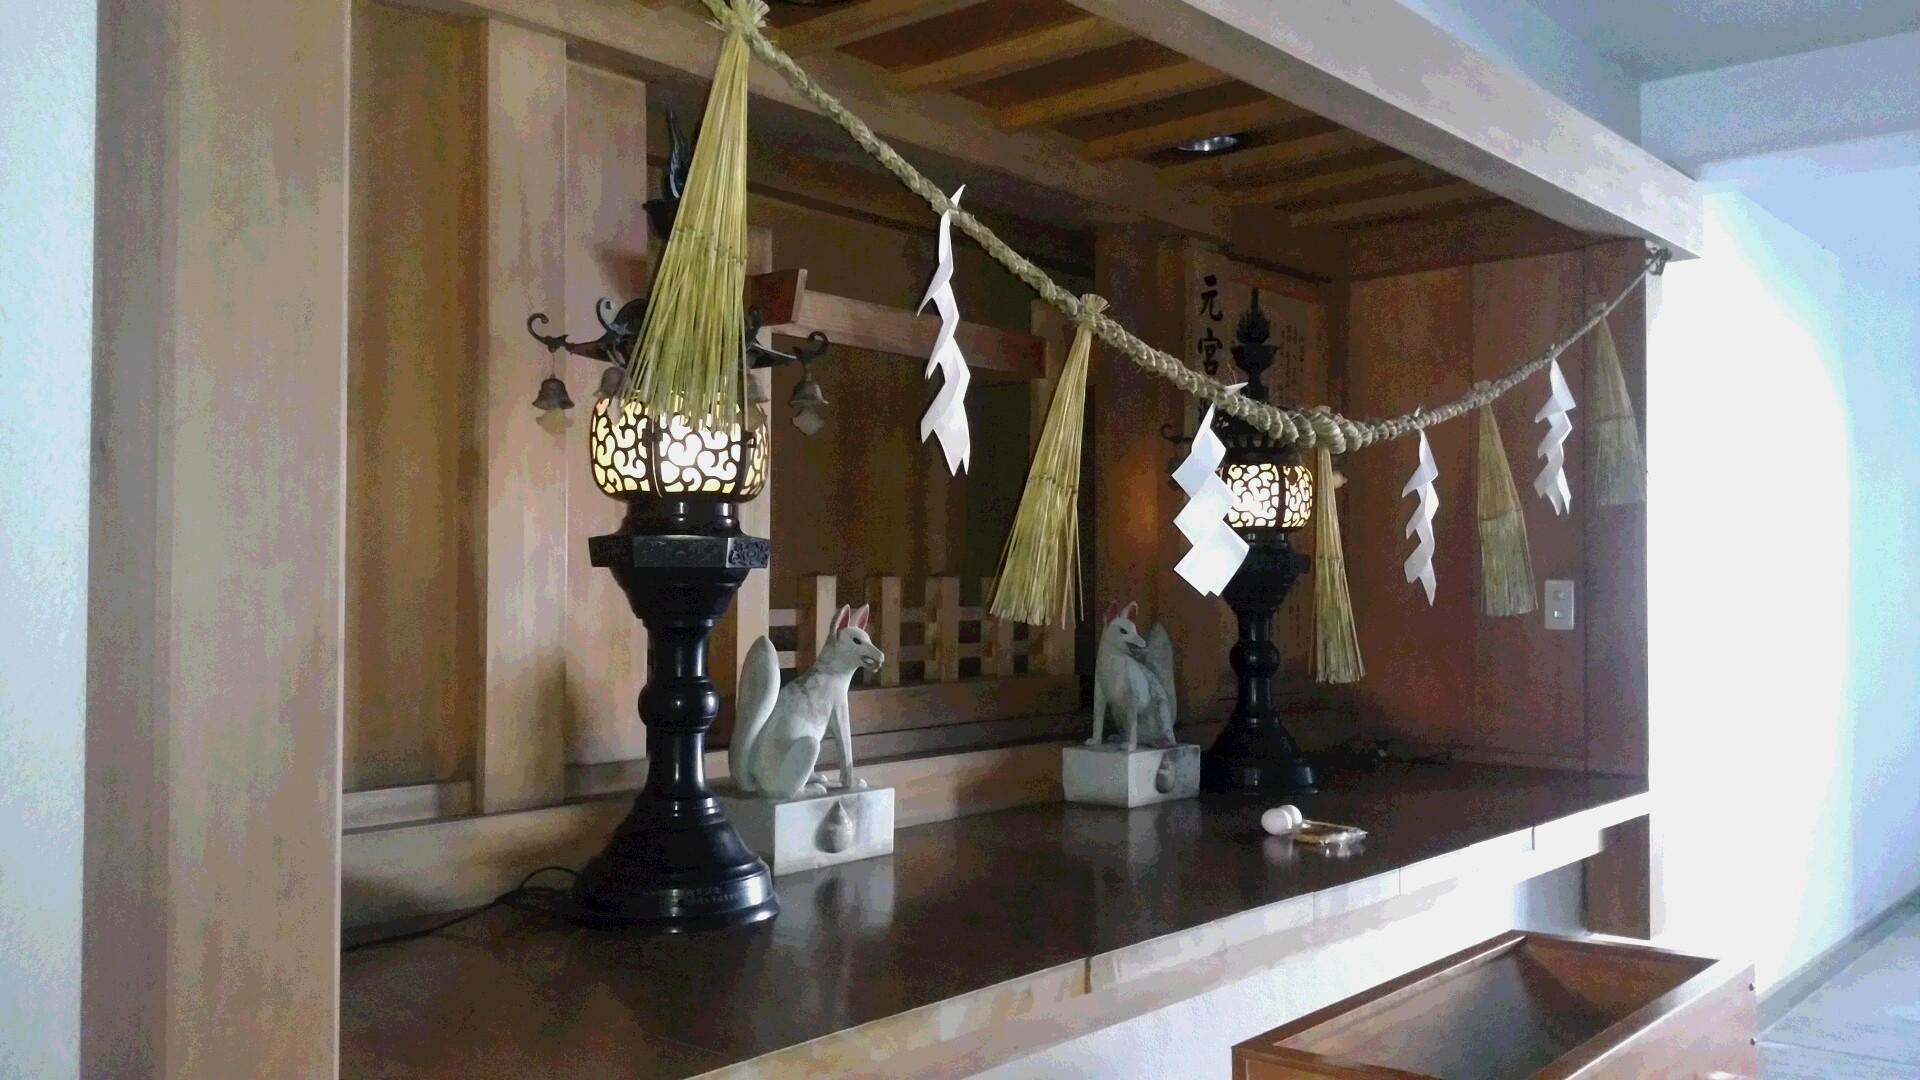 9月は神社巡りの月でした(2)高速道路デビュー(笑)・竹駒神社&金蛇水神社参拝_f0168392_23424316.jpg